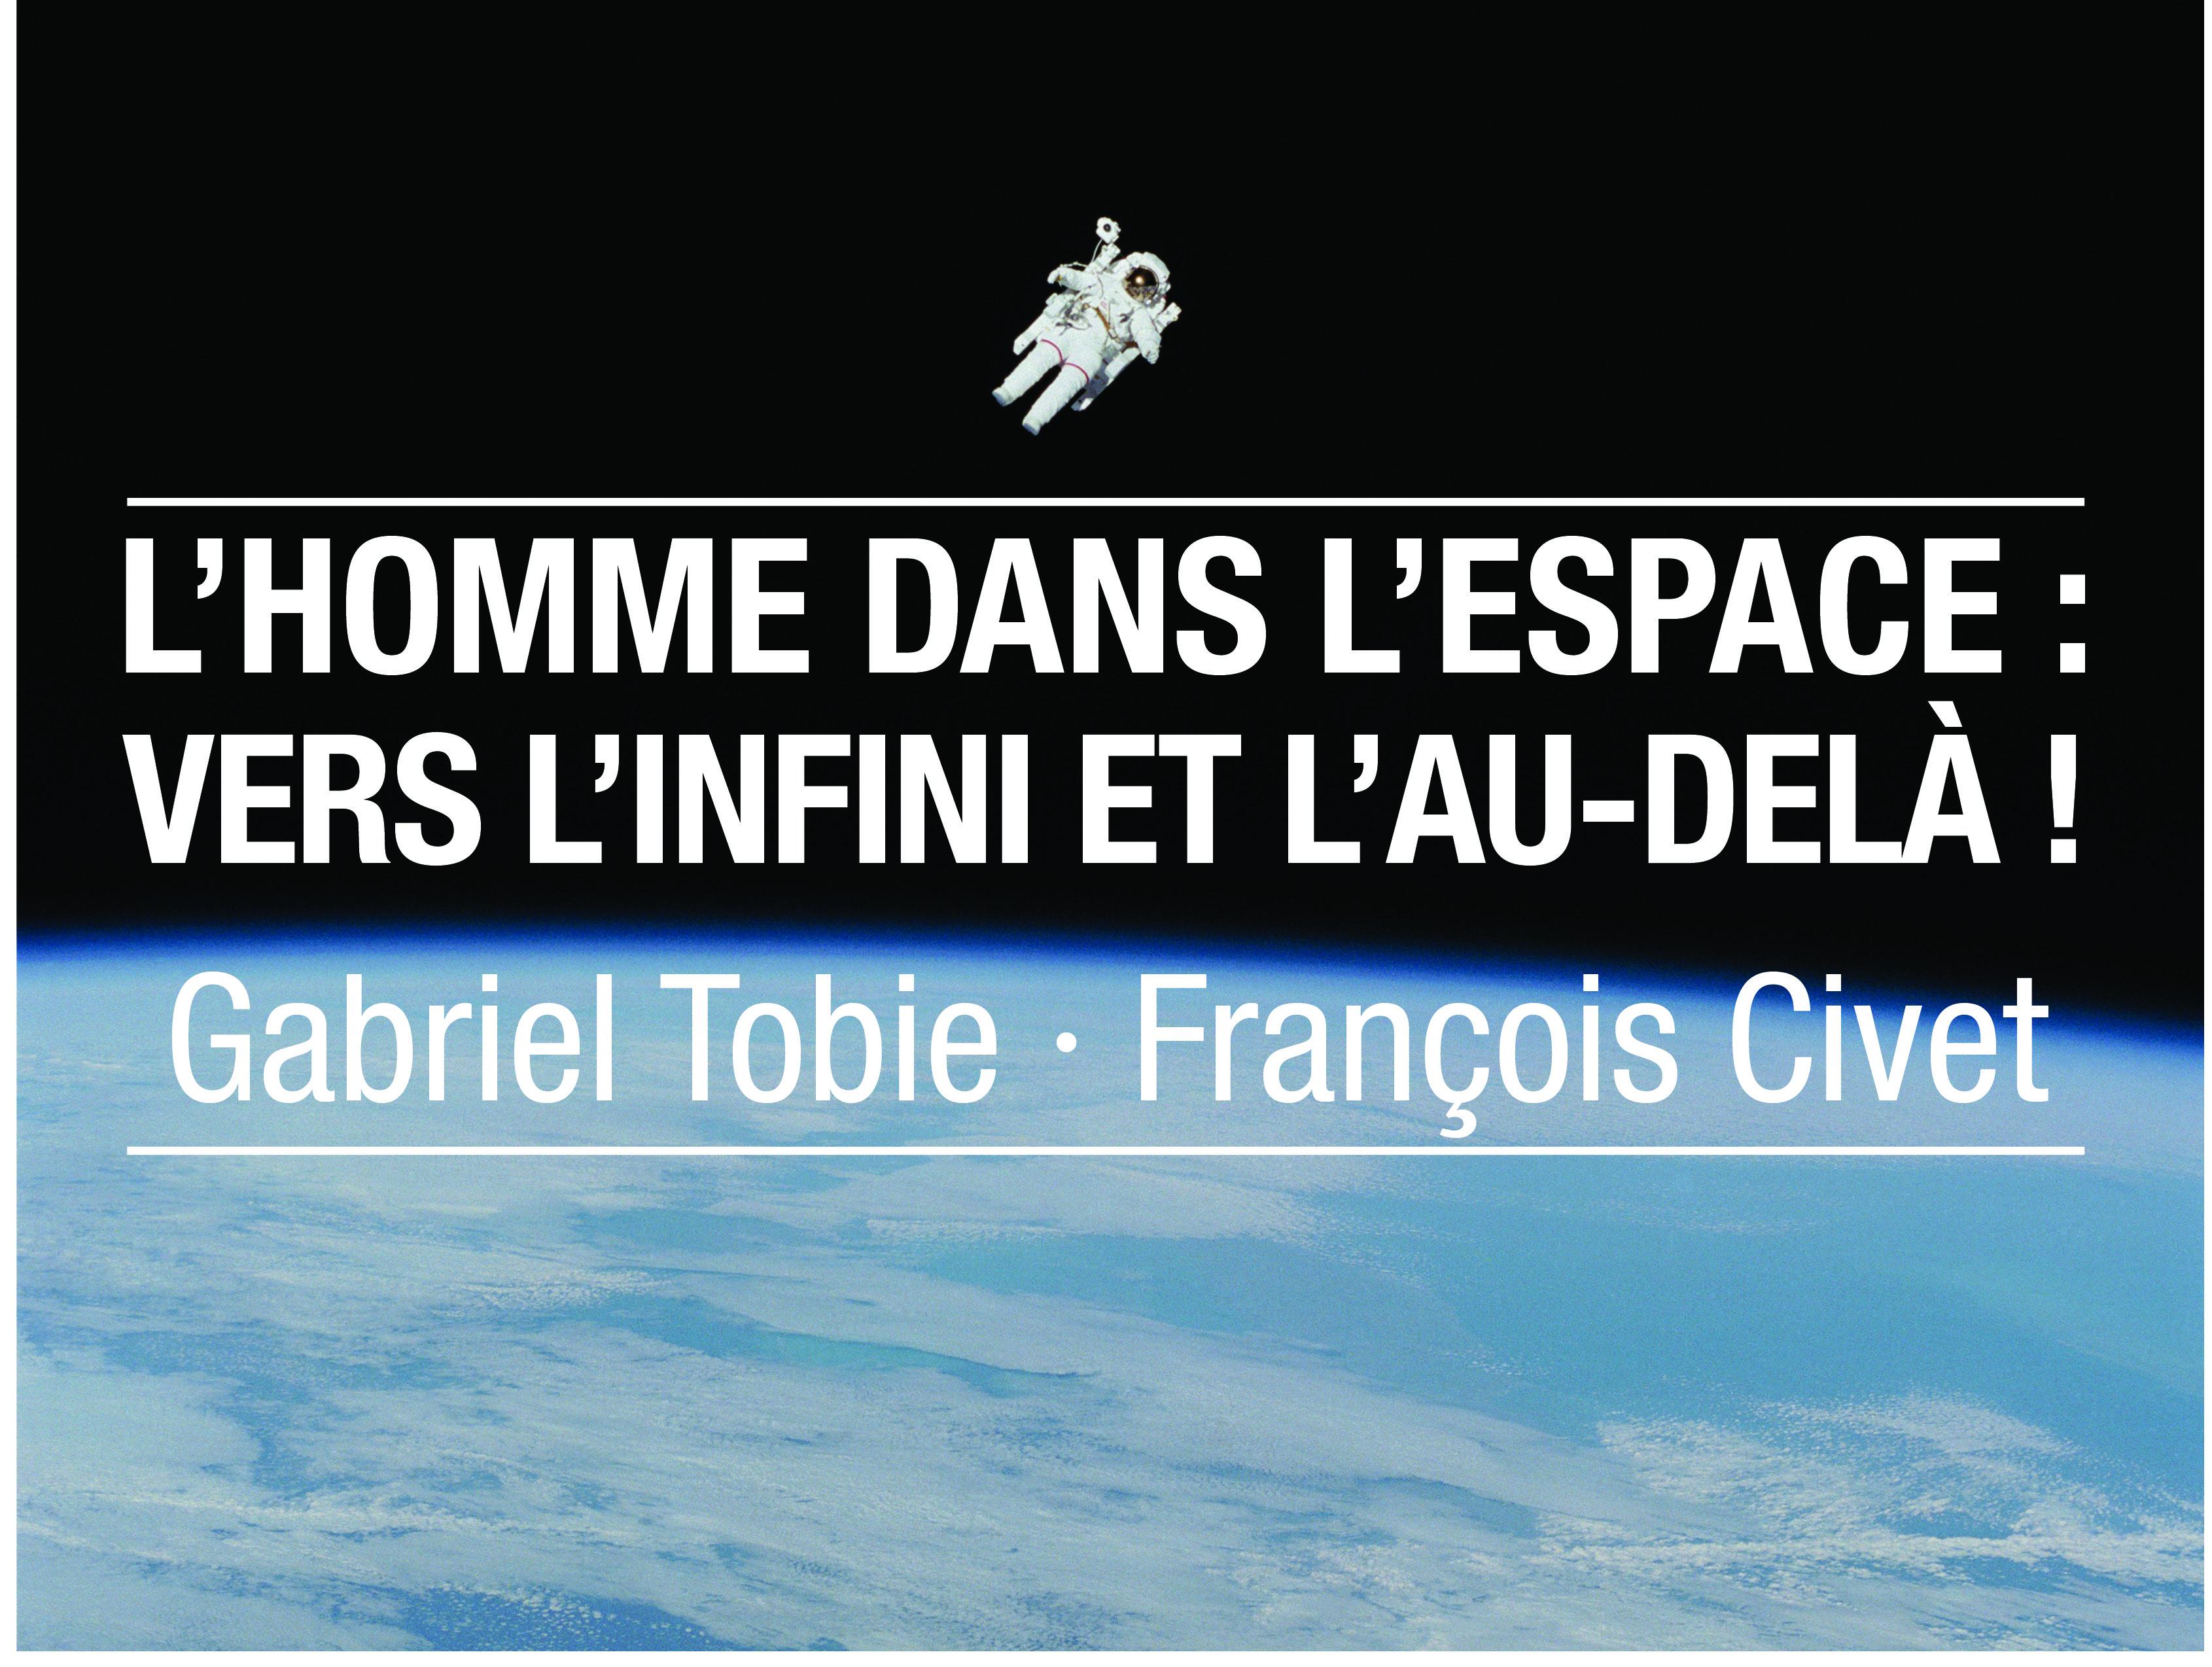 L'homme dans l'espace : vers l'infini et l'au-delà ! - Gabriel Tobie et François Civet